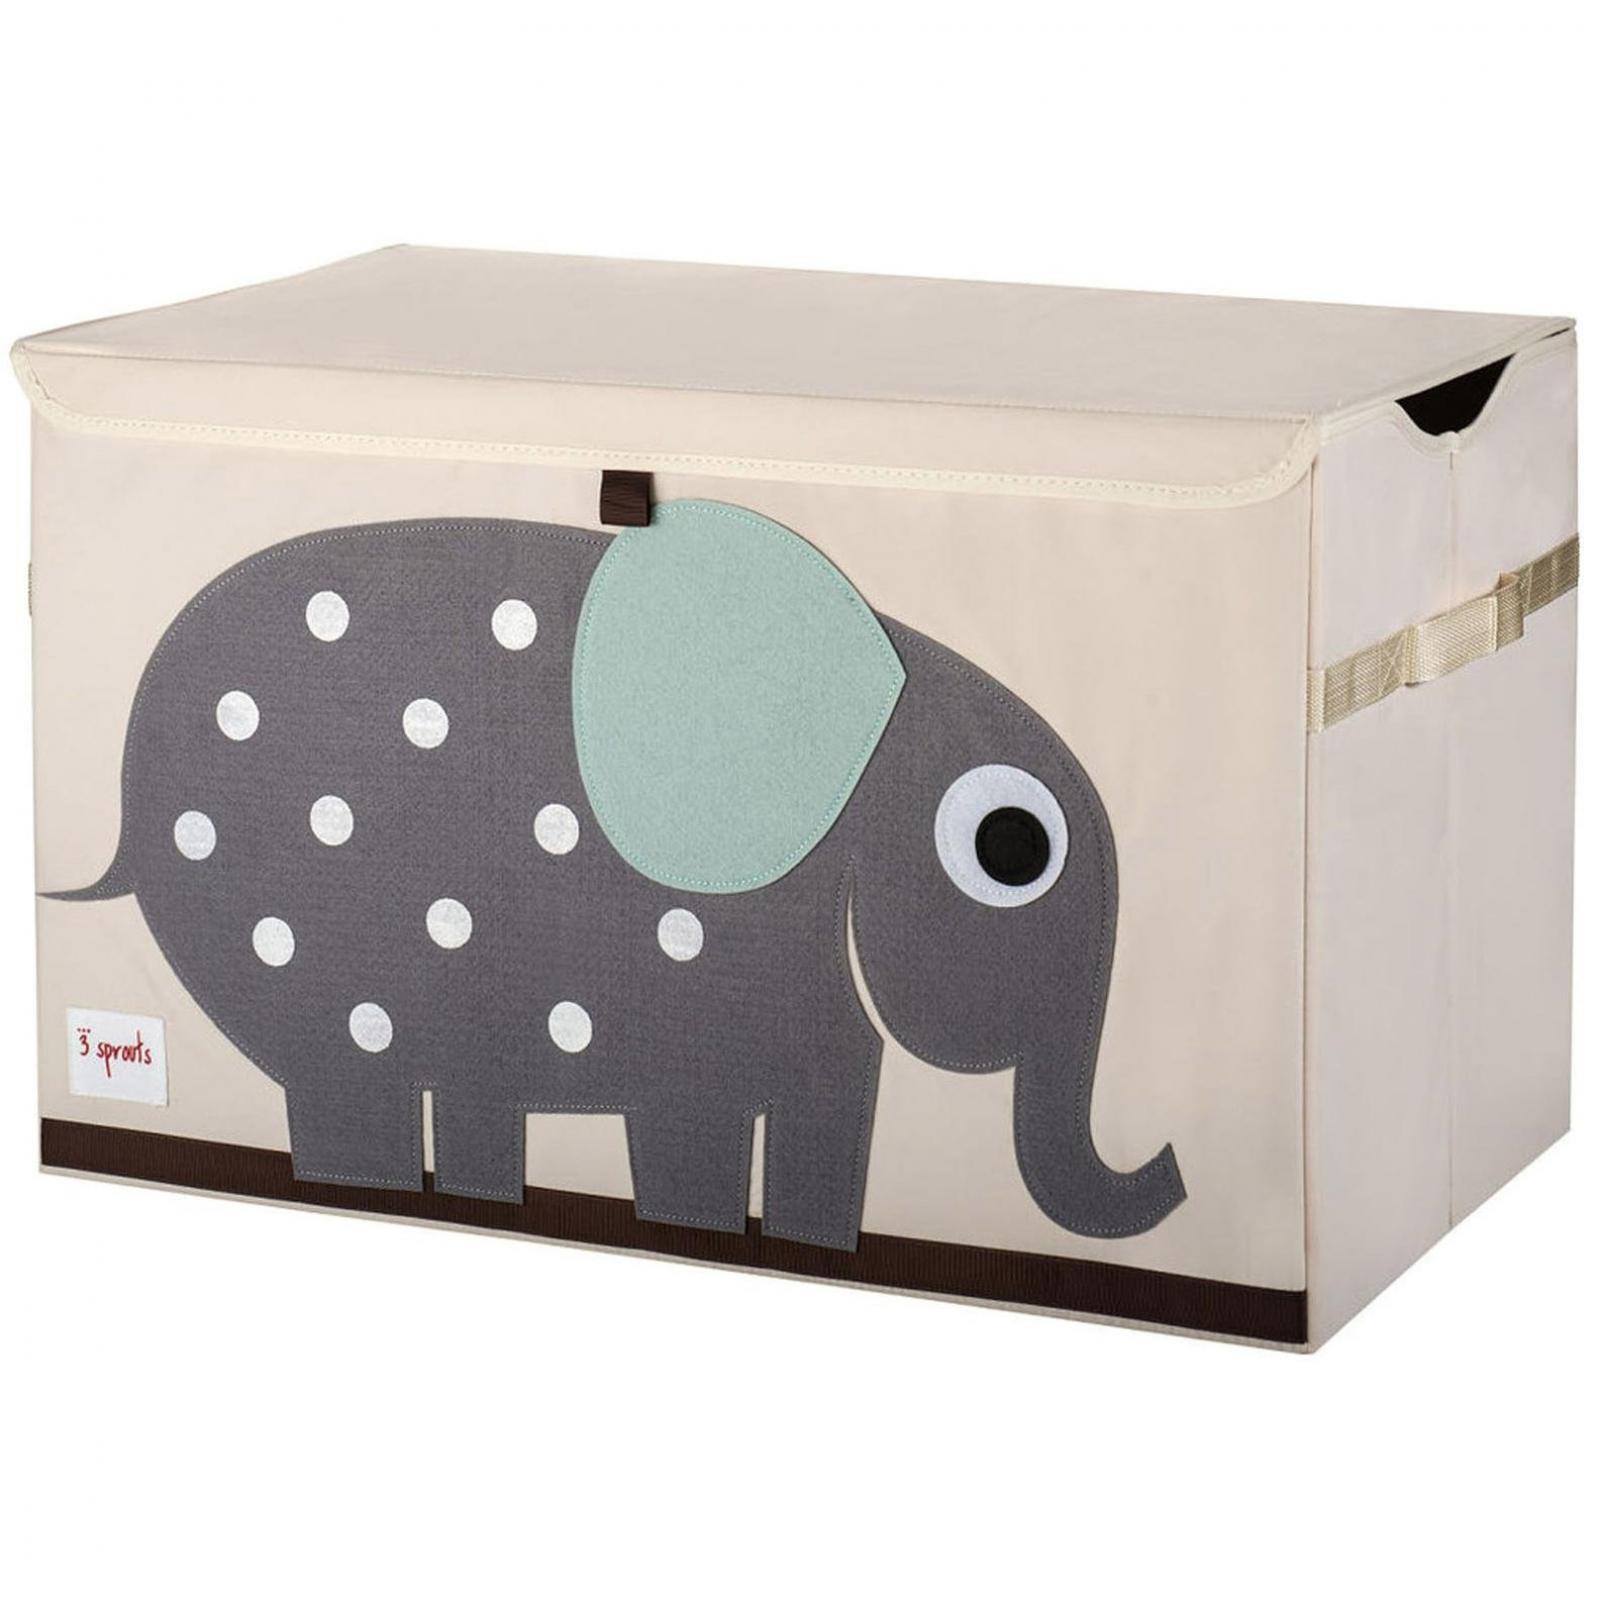 caisse de rangement elephant 3 sprouts - Boite De Rangement Bebe Garcon